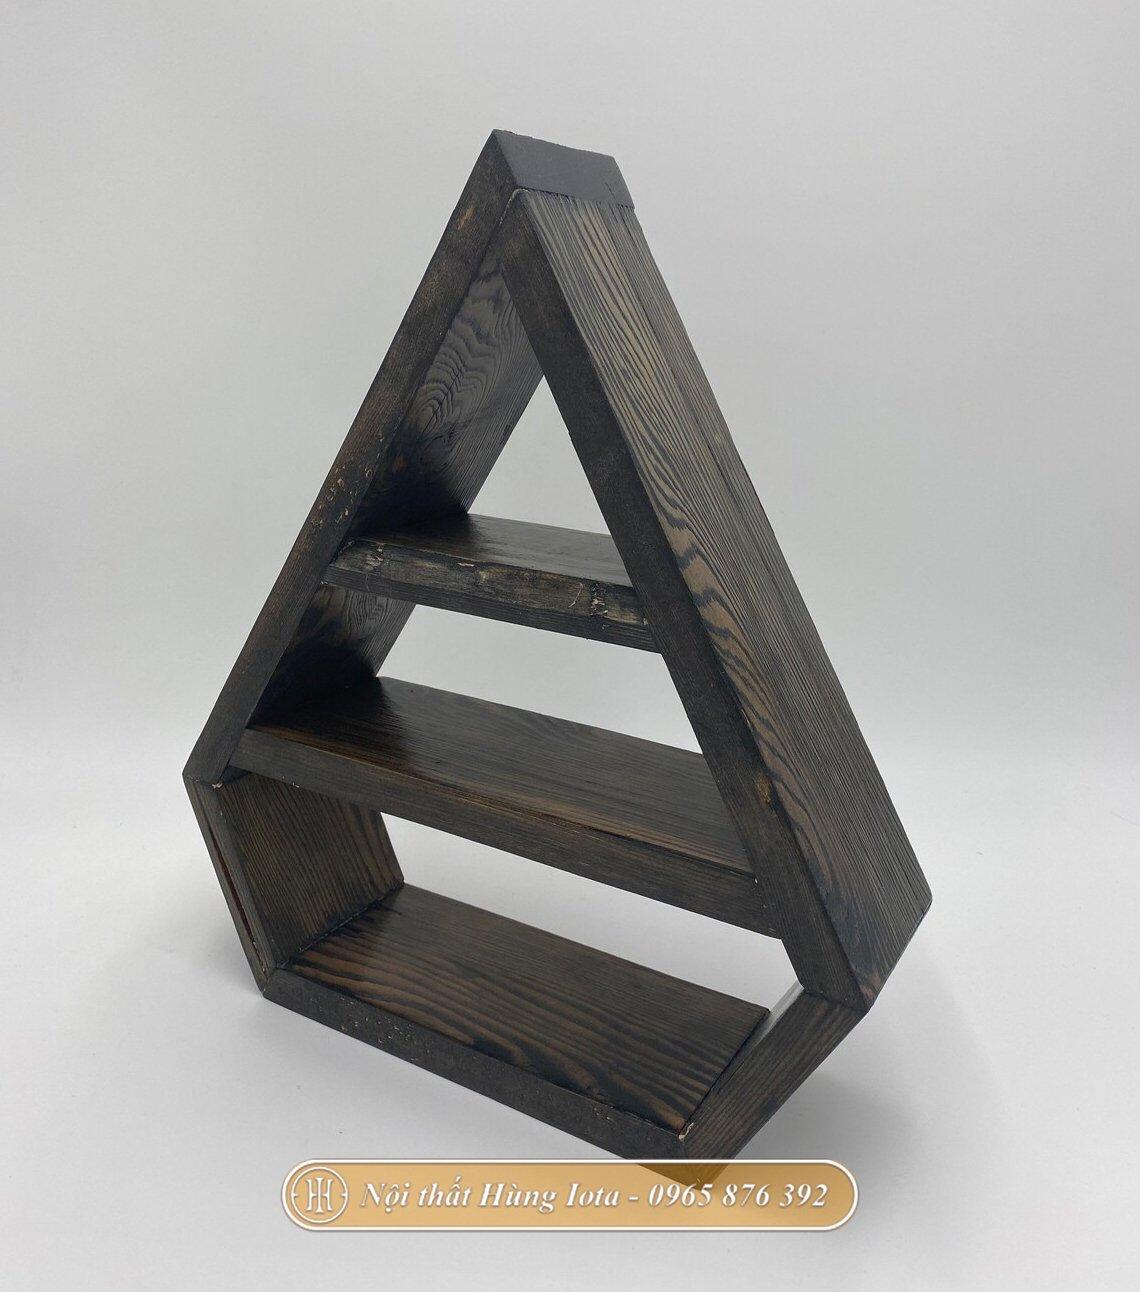 Kệ trang trí để bàn hình giọt nước màu đen hiện đại